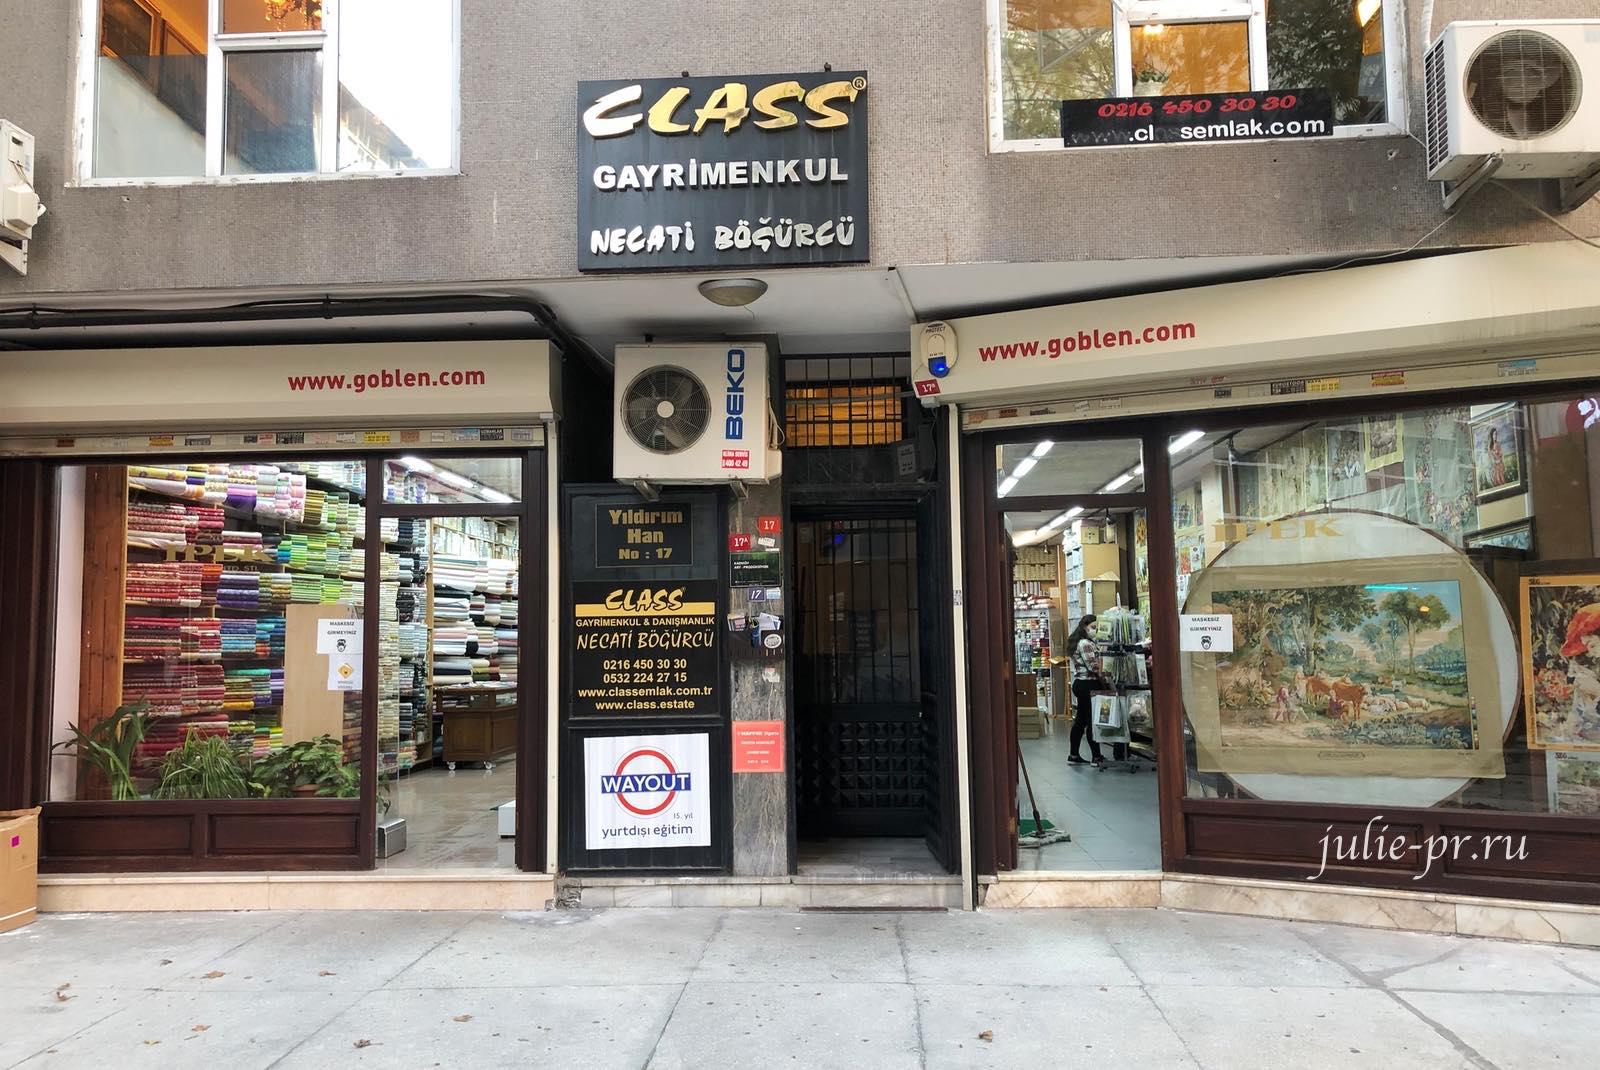 Стамбул, вышивка крестом, рукодельный магазин, Goblen com